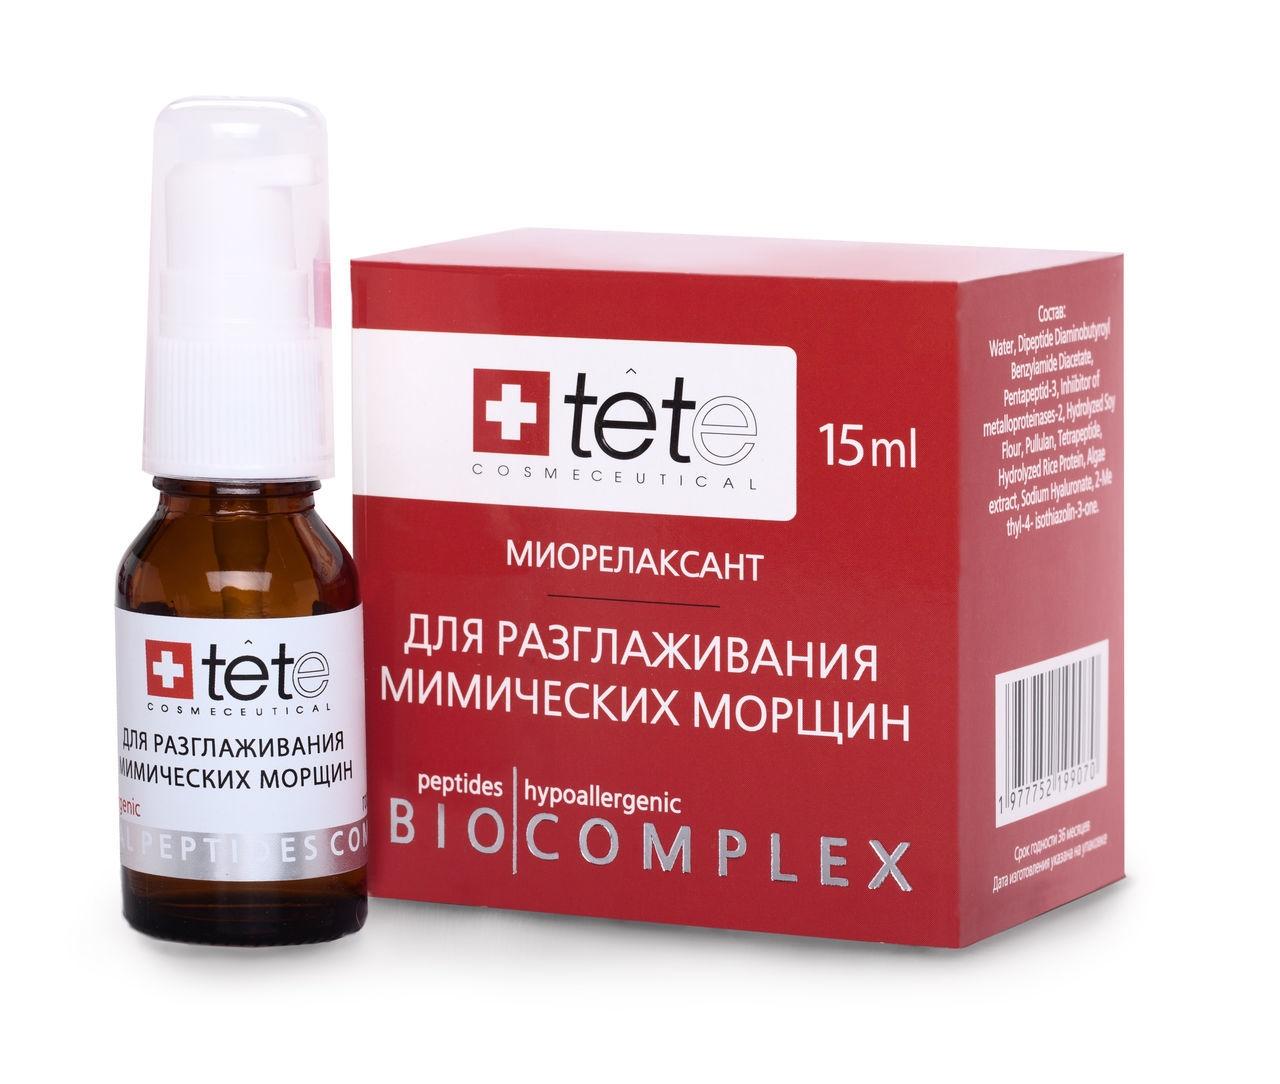 Фото - TETe Cosmeceutical Биокомплекс для разглаживания мимических морщин, 15 мл кремсыворотка для разглаживания мимических и возрастных морщин 30 мл кора для зрелой кожи